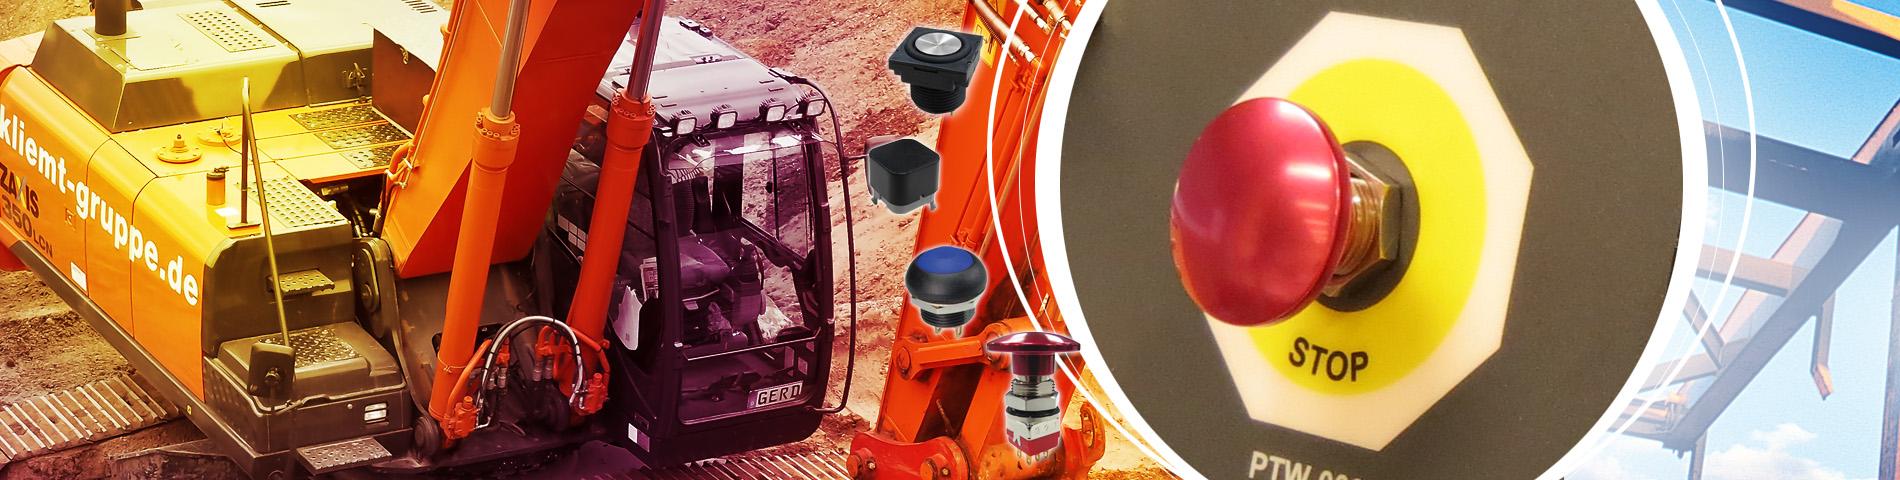 Промышленная промышленность - Применимо к крупногабаритной машине